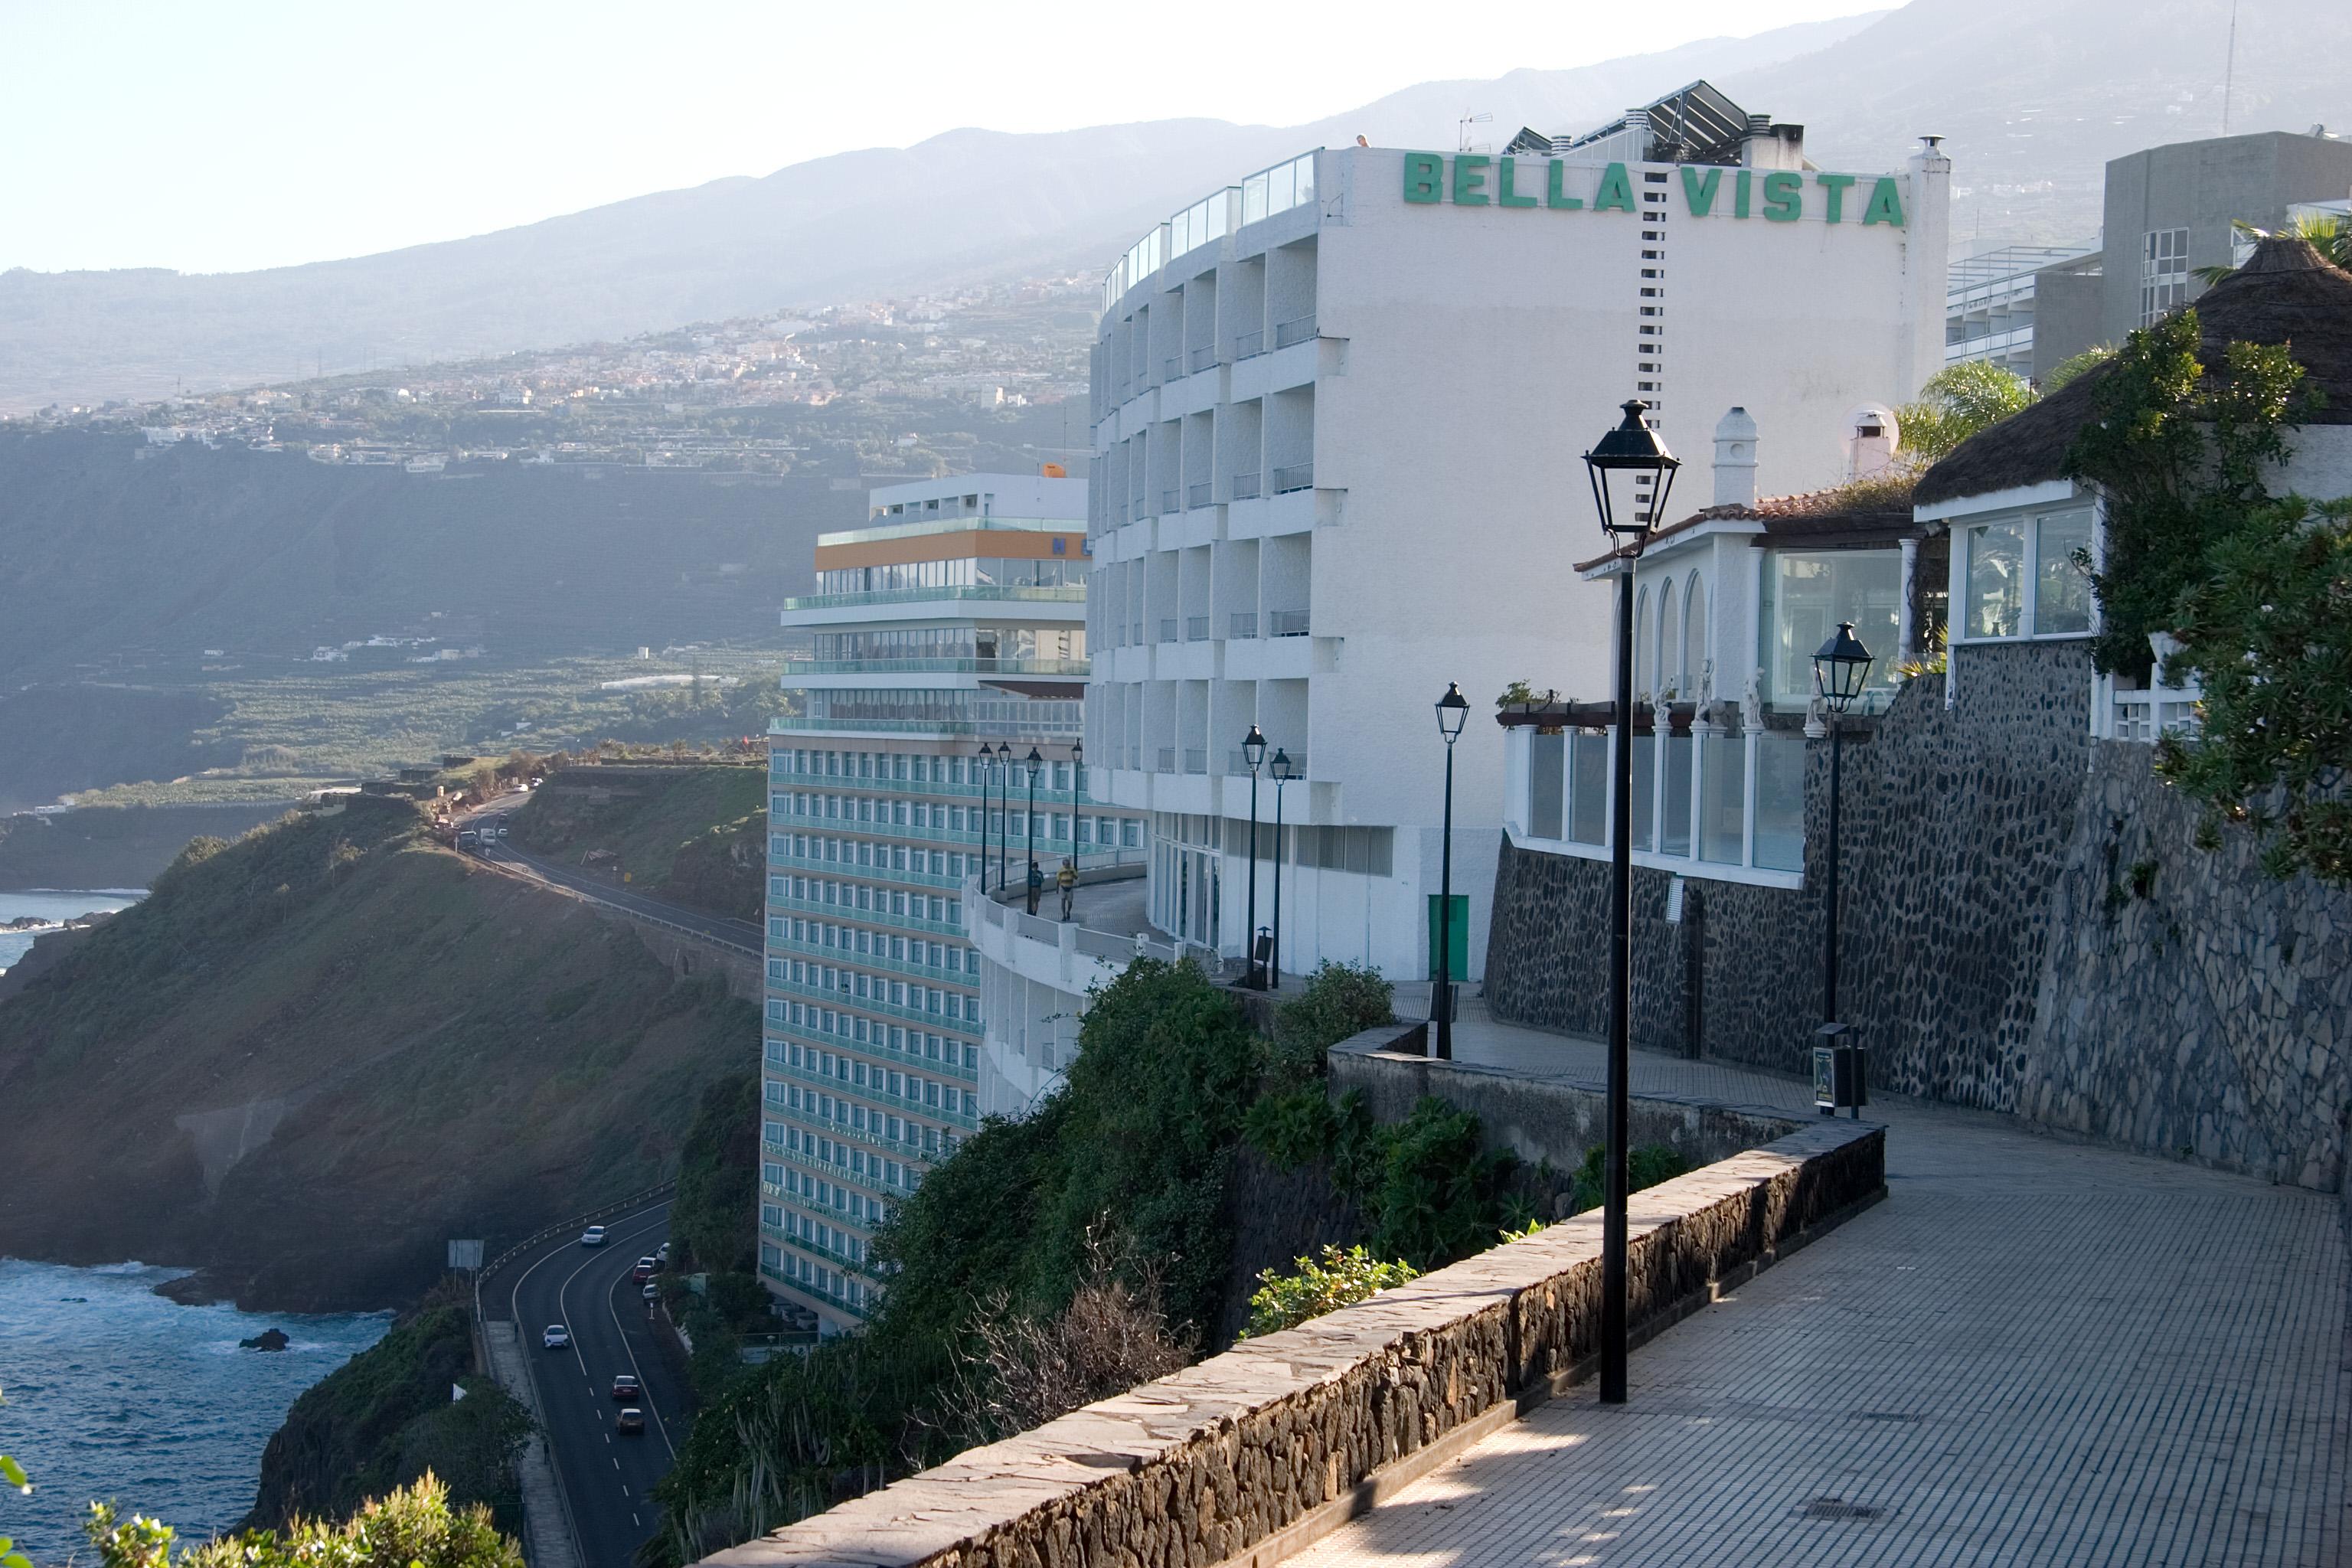 Tenerife 2005 1 8 - Hotel bellavista puerto de la cruz ...